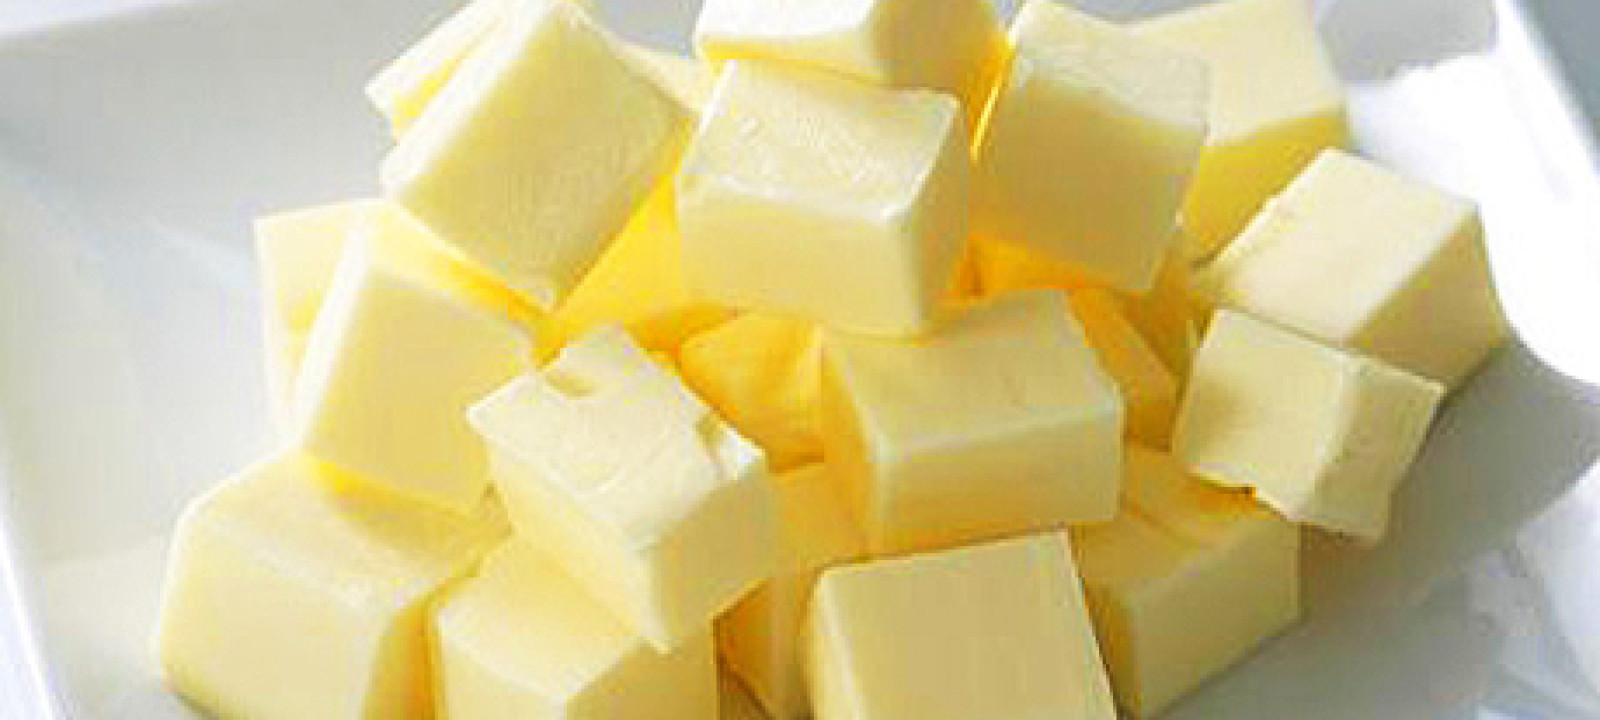 460x300_butter